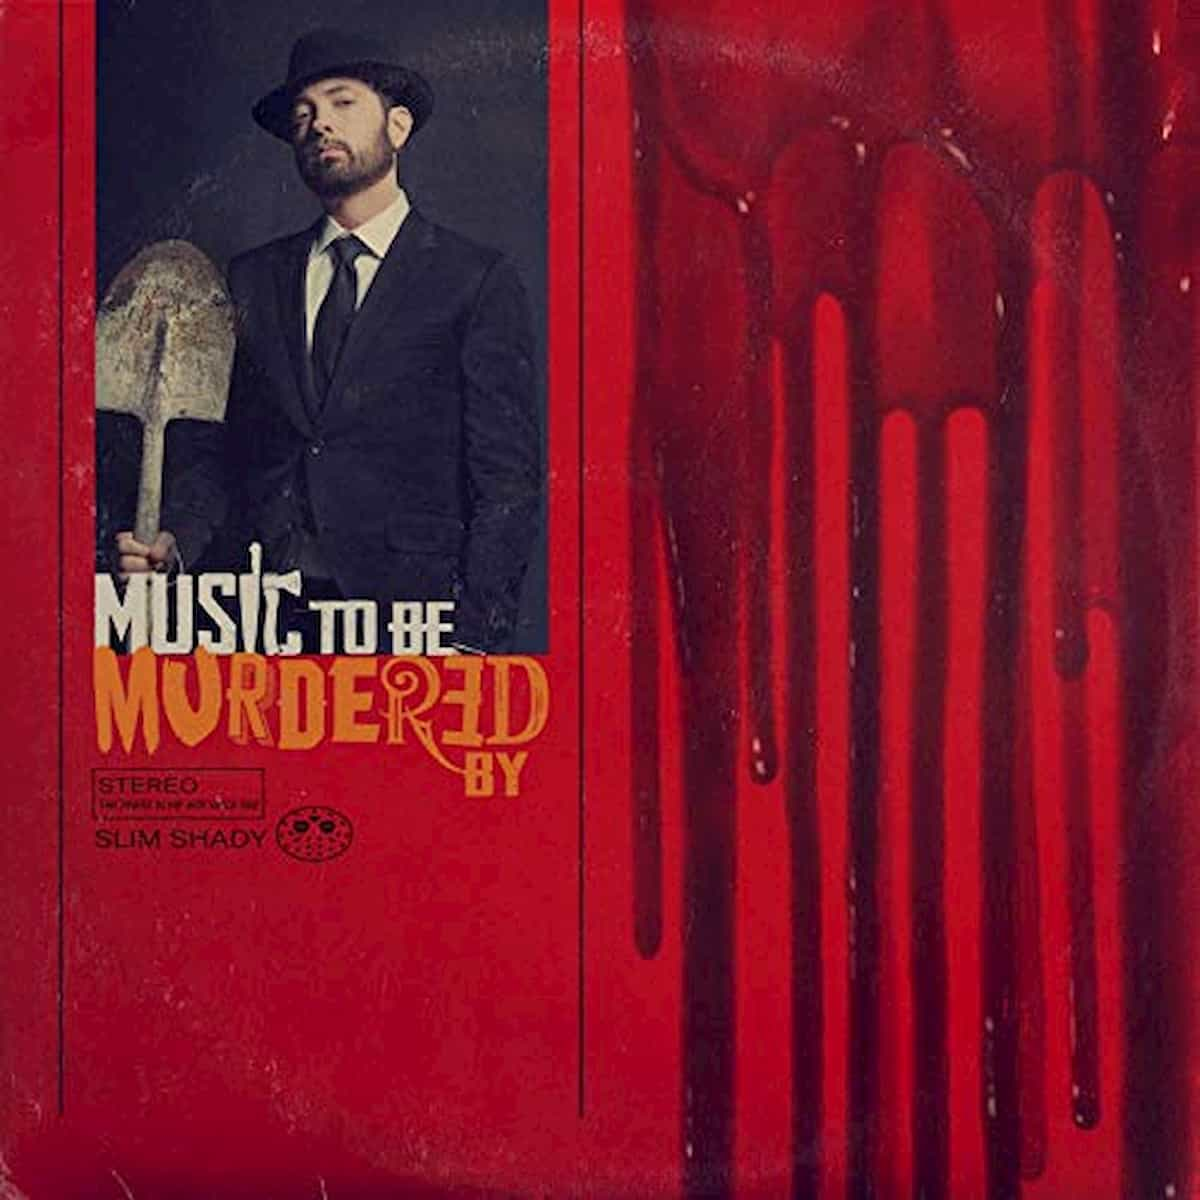 Eminem - Neues Album Music To Be Murdered By veröffentlicht